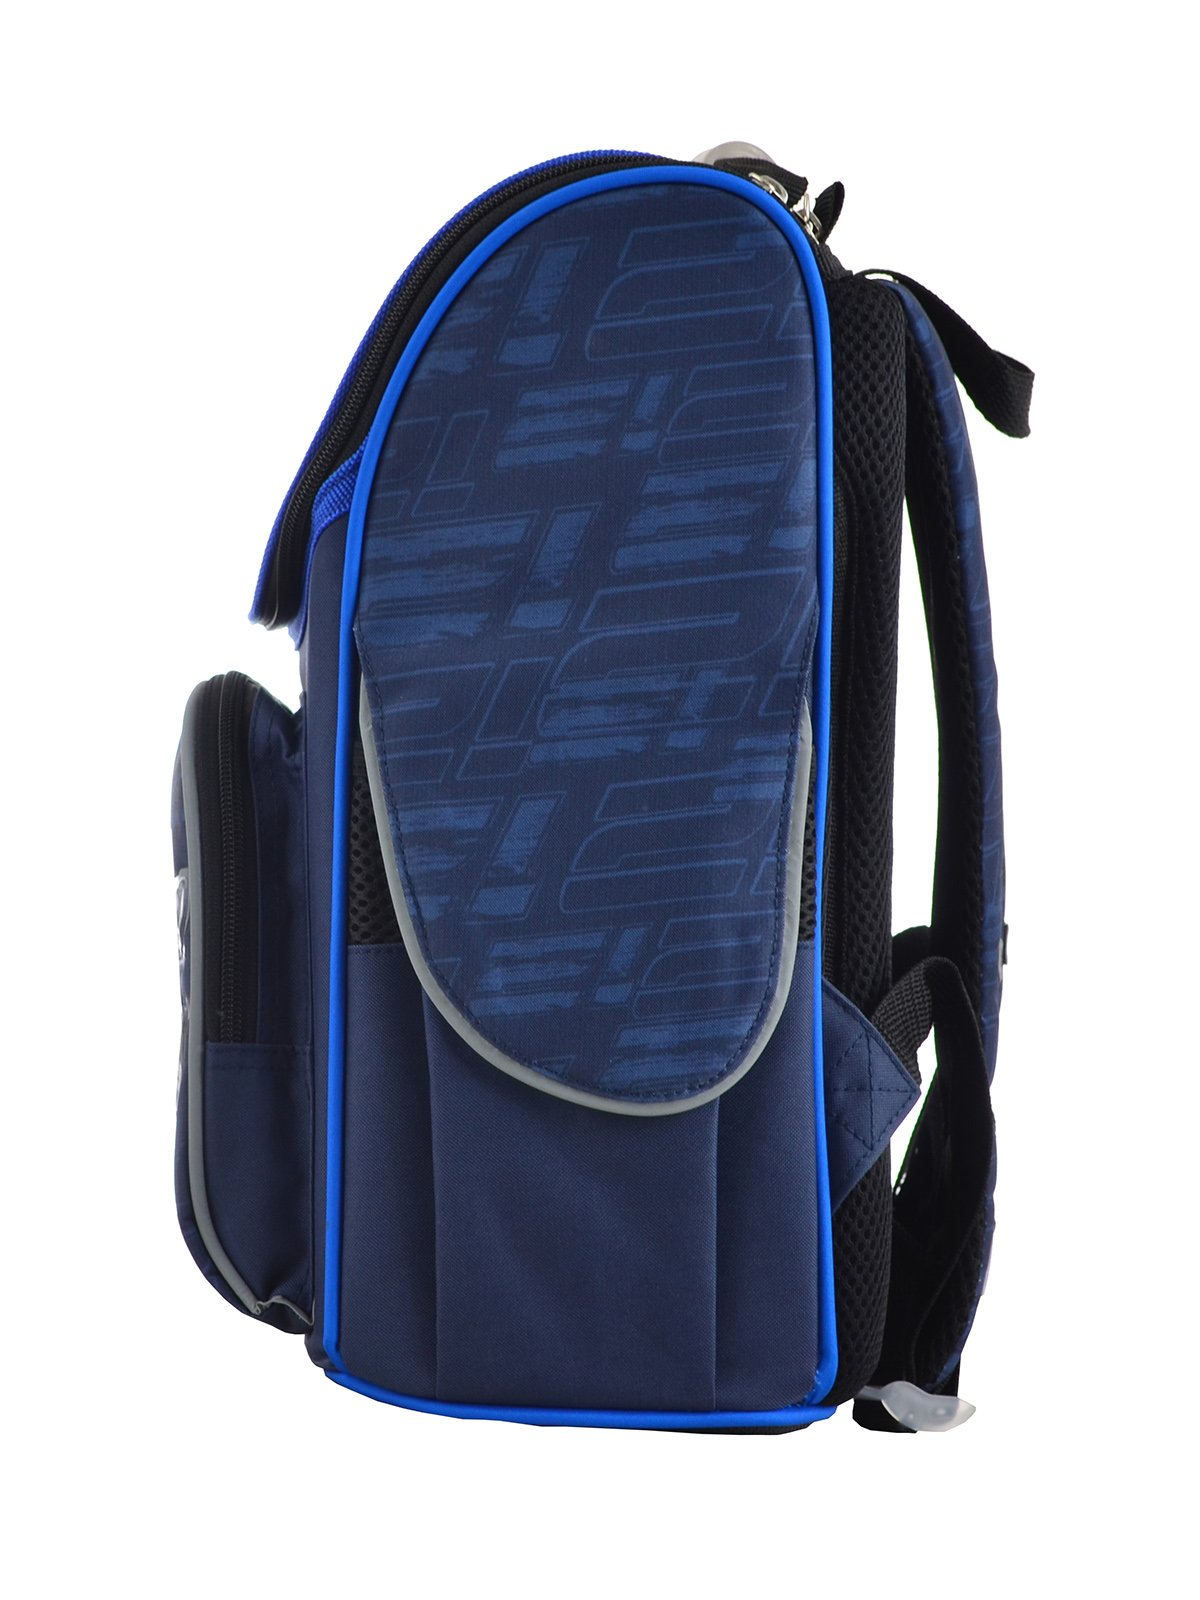 Рюкзак каркасний синій в принт | 4284745 | фото 3